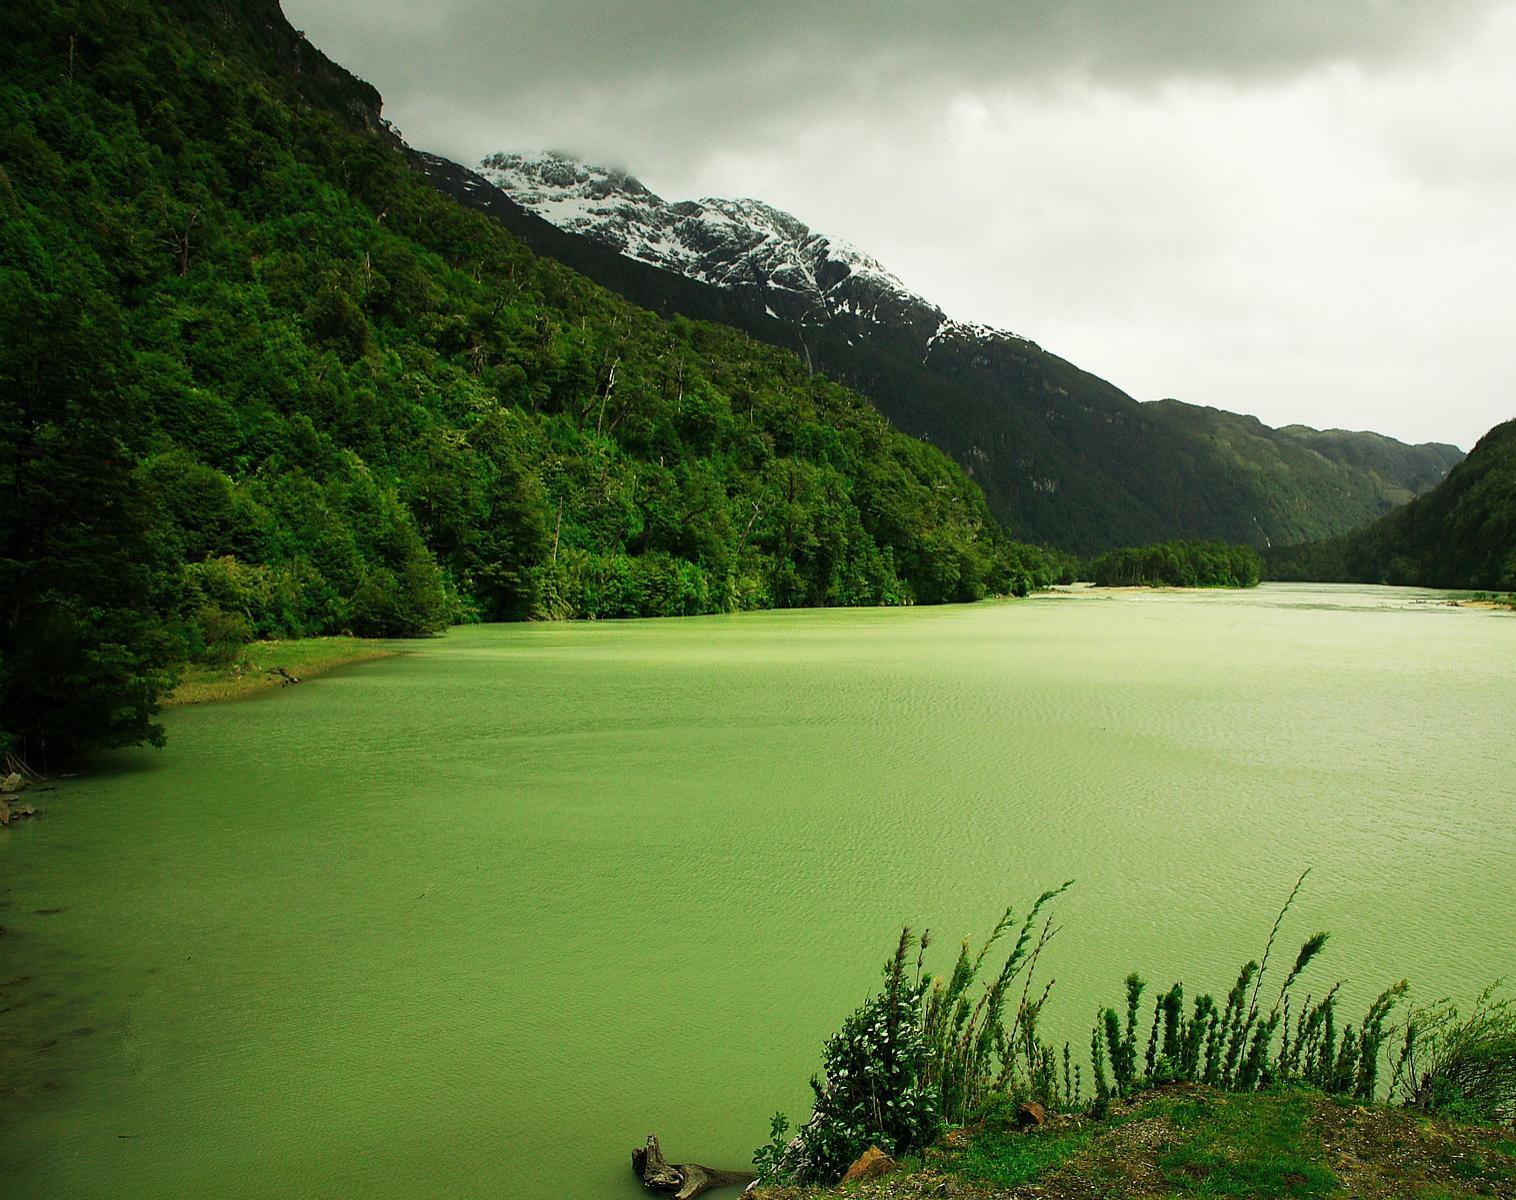 Patagonie  Grande découverte de la Patagonie   Découverte Trek & Randonnée